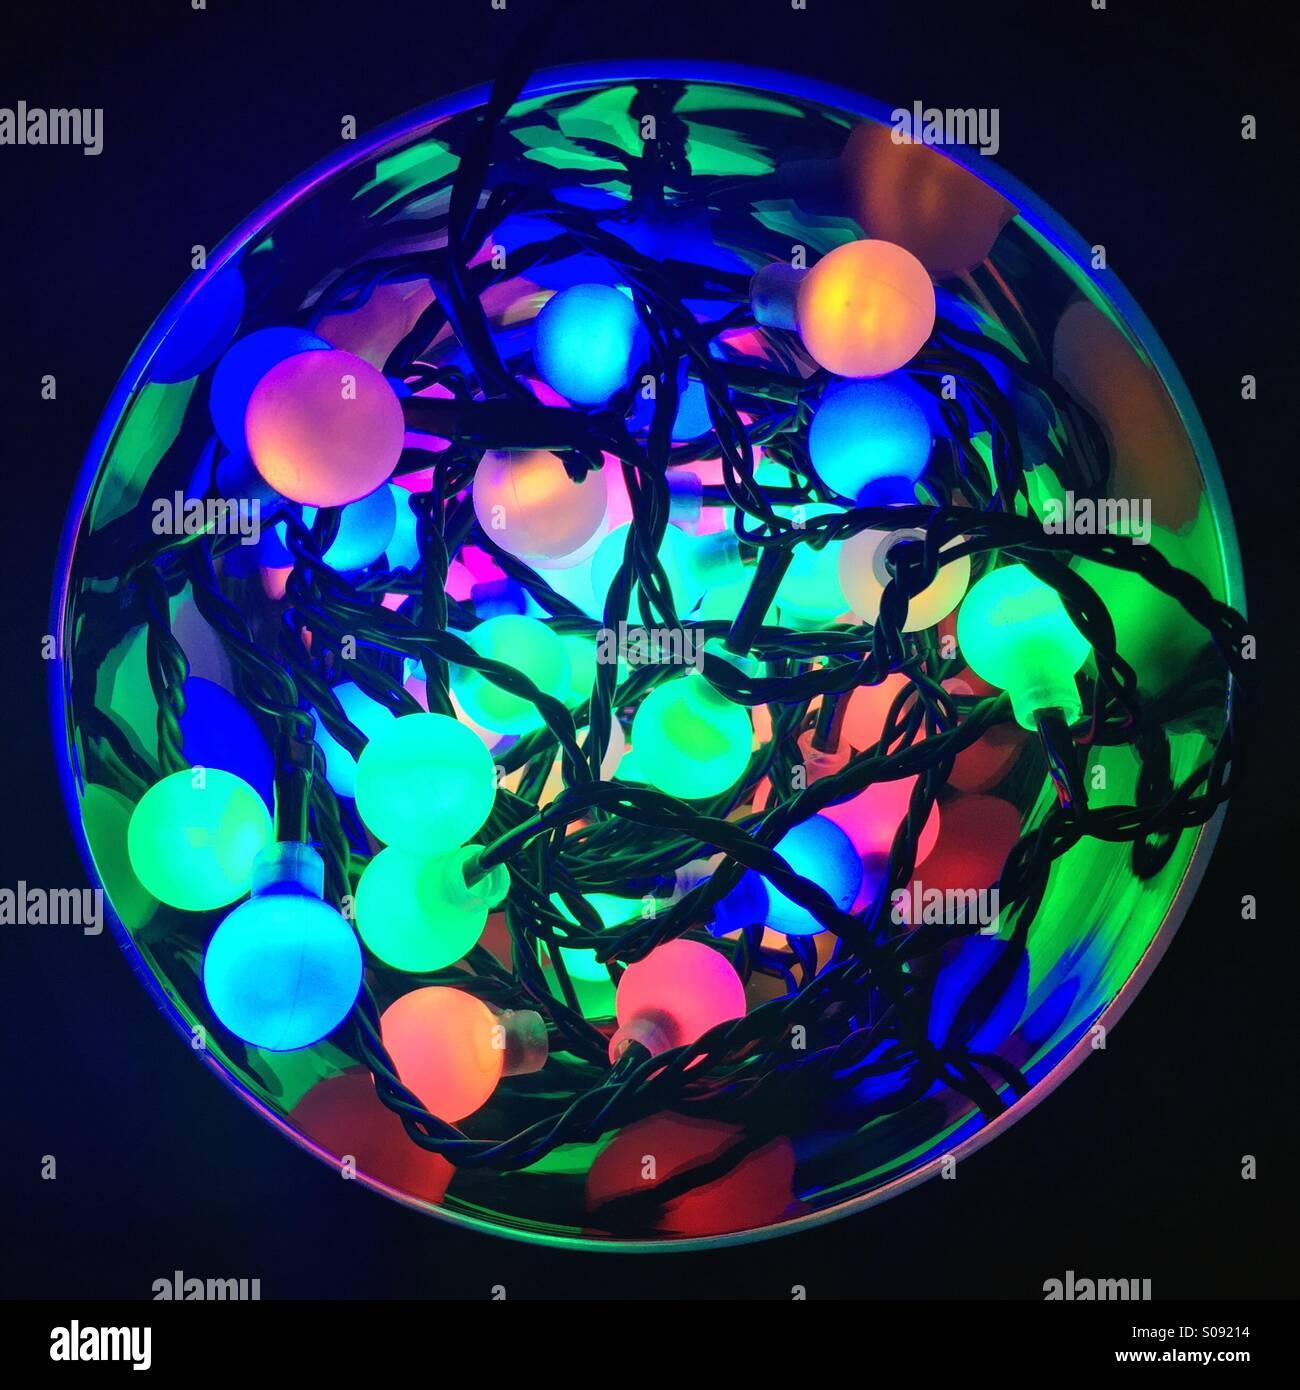 Festa delle luci di colore in una ciotola di vetro Immagini Stock